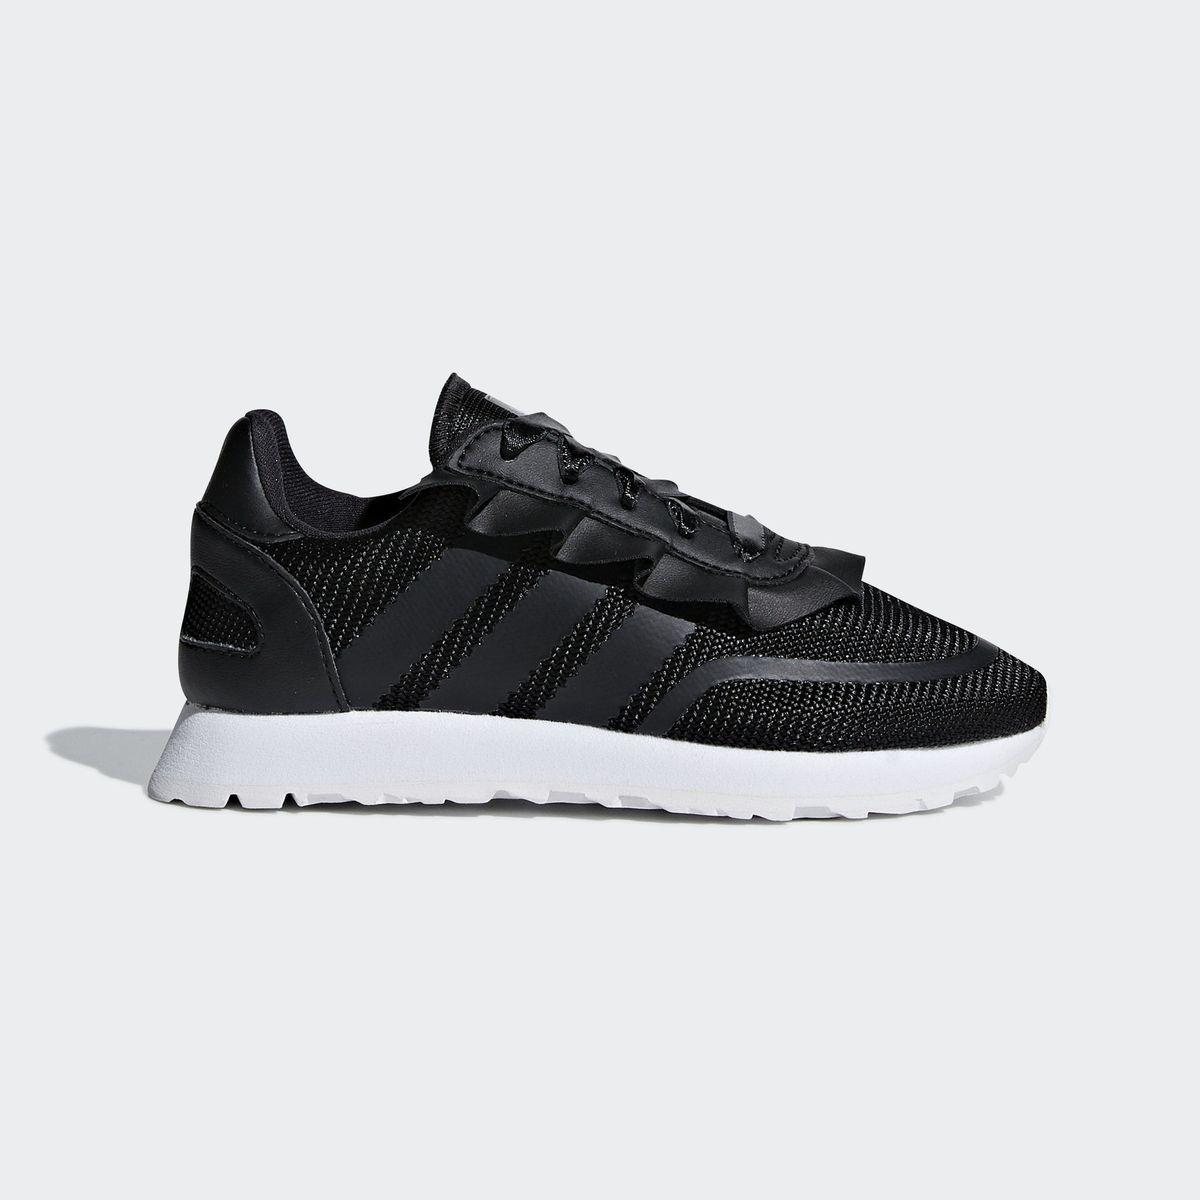 chaussure garçon 31 adidas